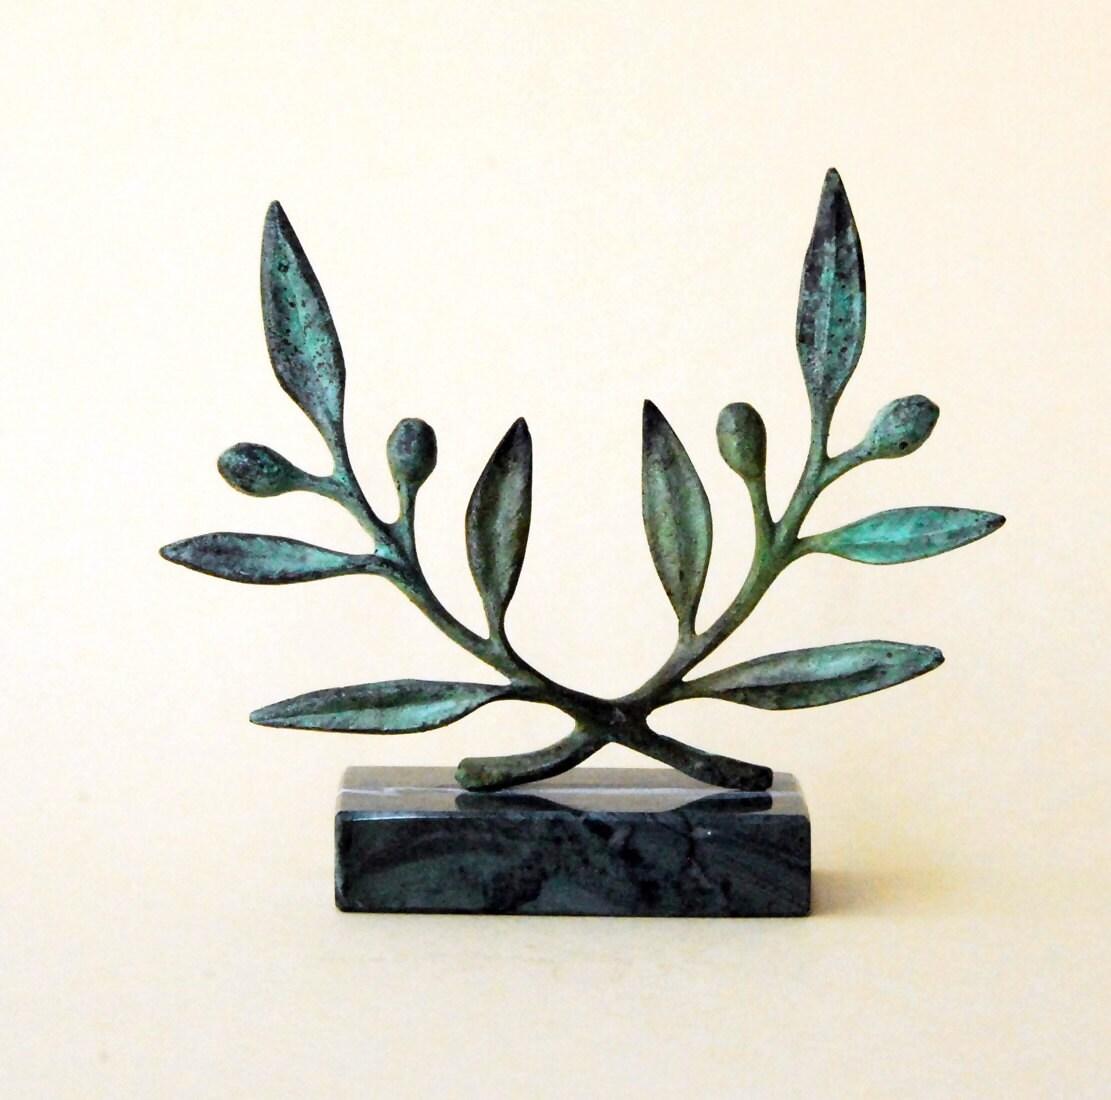 Olive wreath greek bronze sculpture metal art museum zoom biocorpaavc